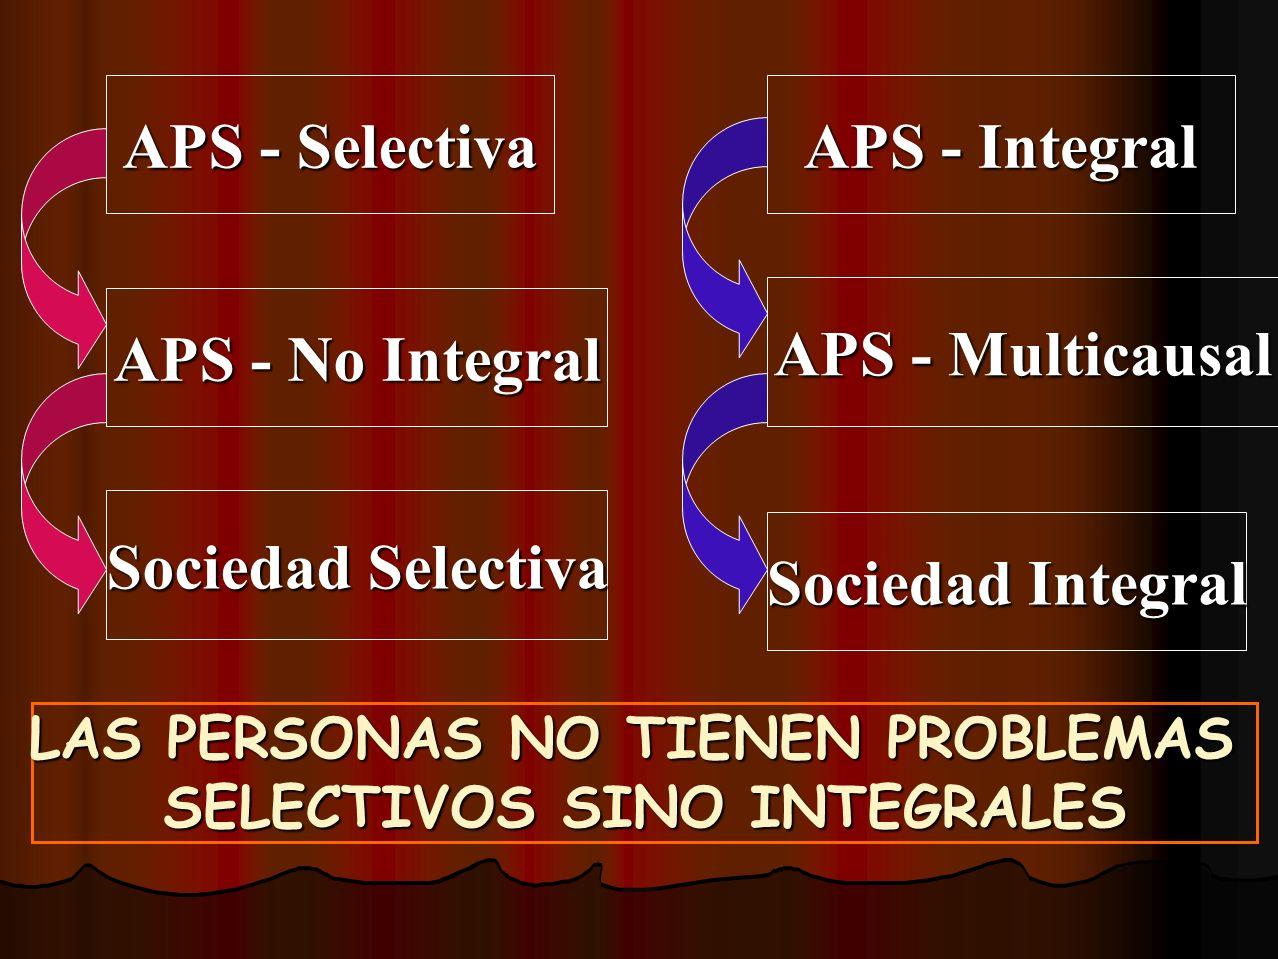 APS - Selectiva APS - No Integral Sociedad Selectiva Sociedad Integral APS - Multicausal APS - Integral LAS PERSONAS NO TIENEN PROBLEMAS SELECTIVOS SI